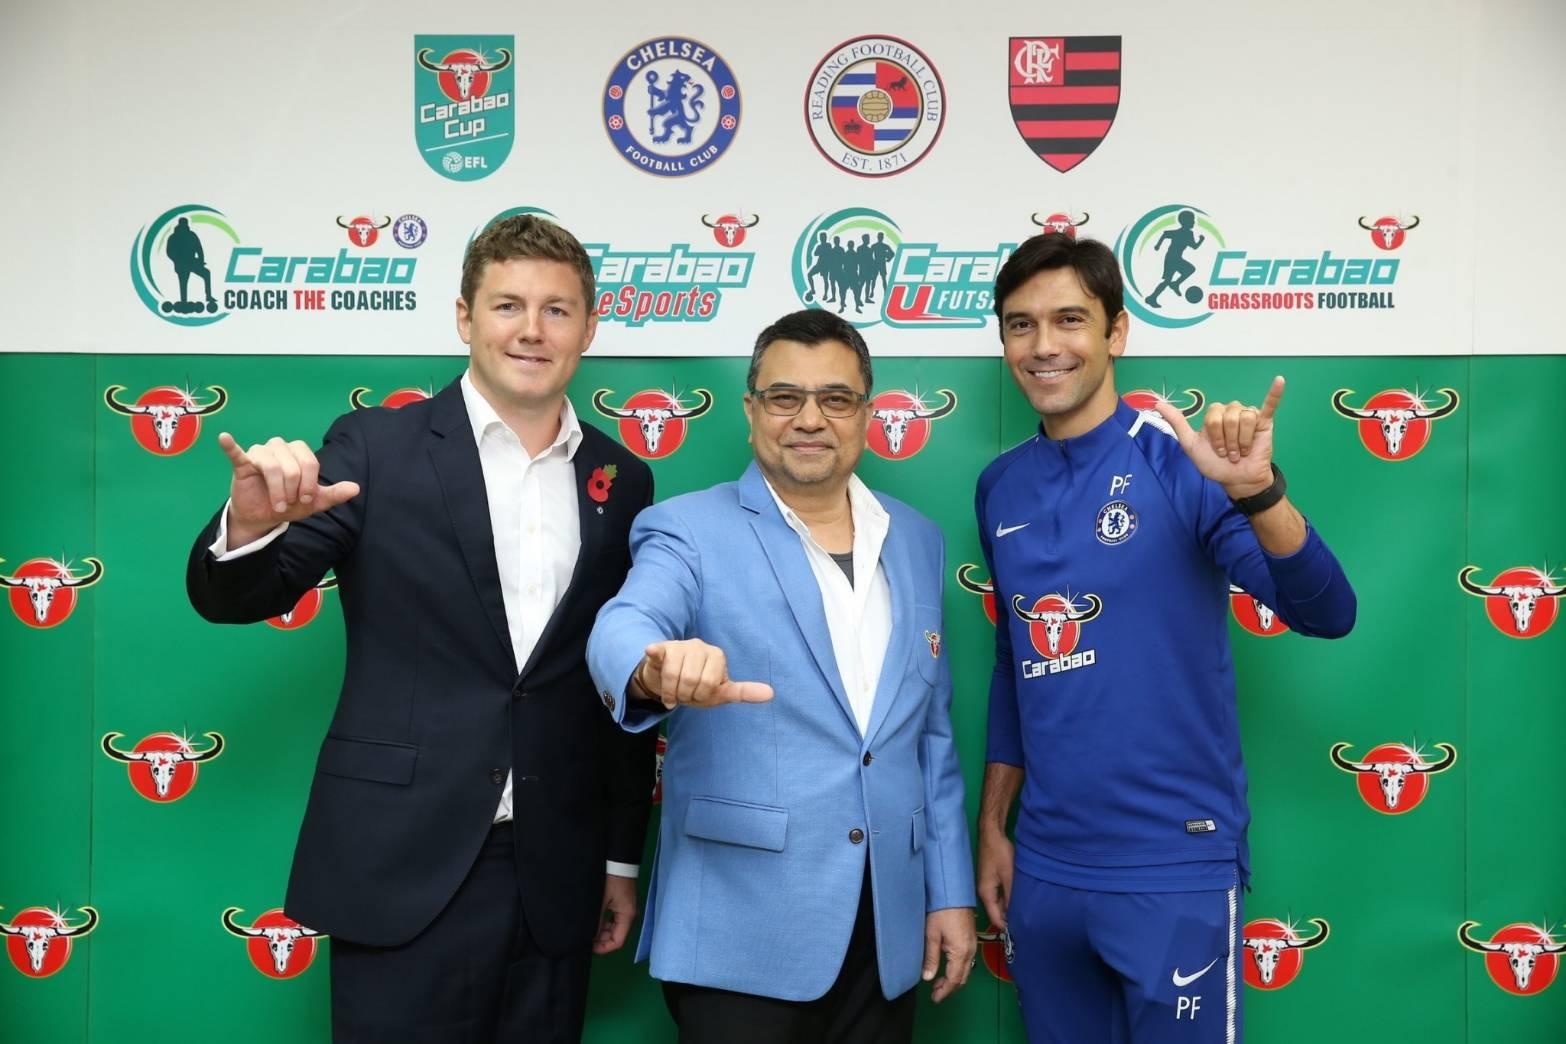 คาราบาว เปิดตัว 4 โปรเจกต์ยักษ์ภายใต้โครงการ Carabao Football Platform สร้างแพลทฟอร์มกีฬา ดันสู่แบรนด์ระดับโลก